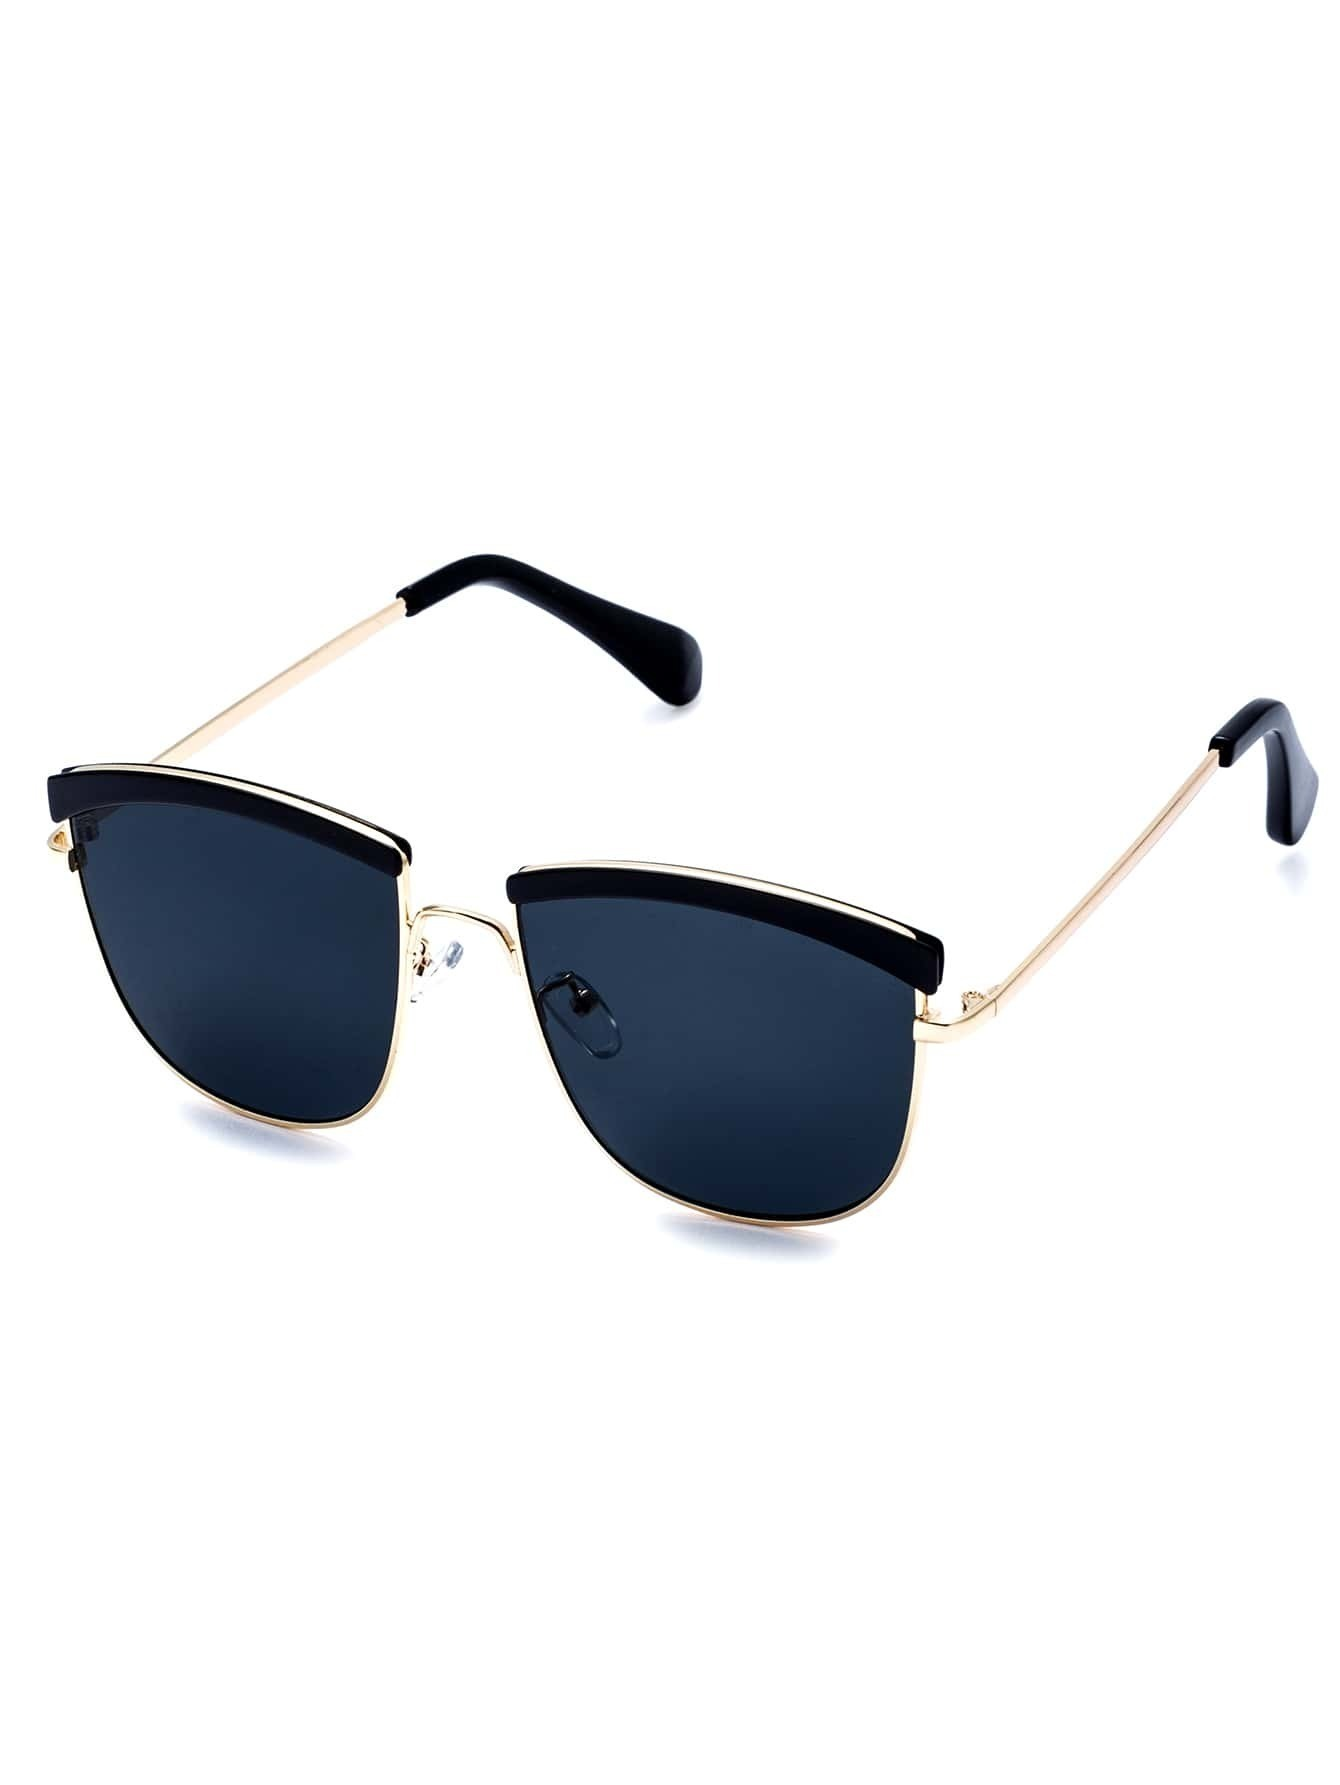 Gold Frame Black Lenses Sunglasses : Gold Open Frame Black Lens Sunglasses